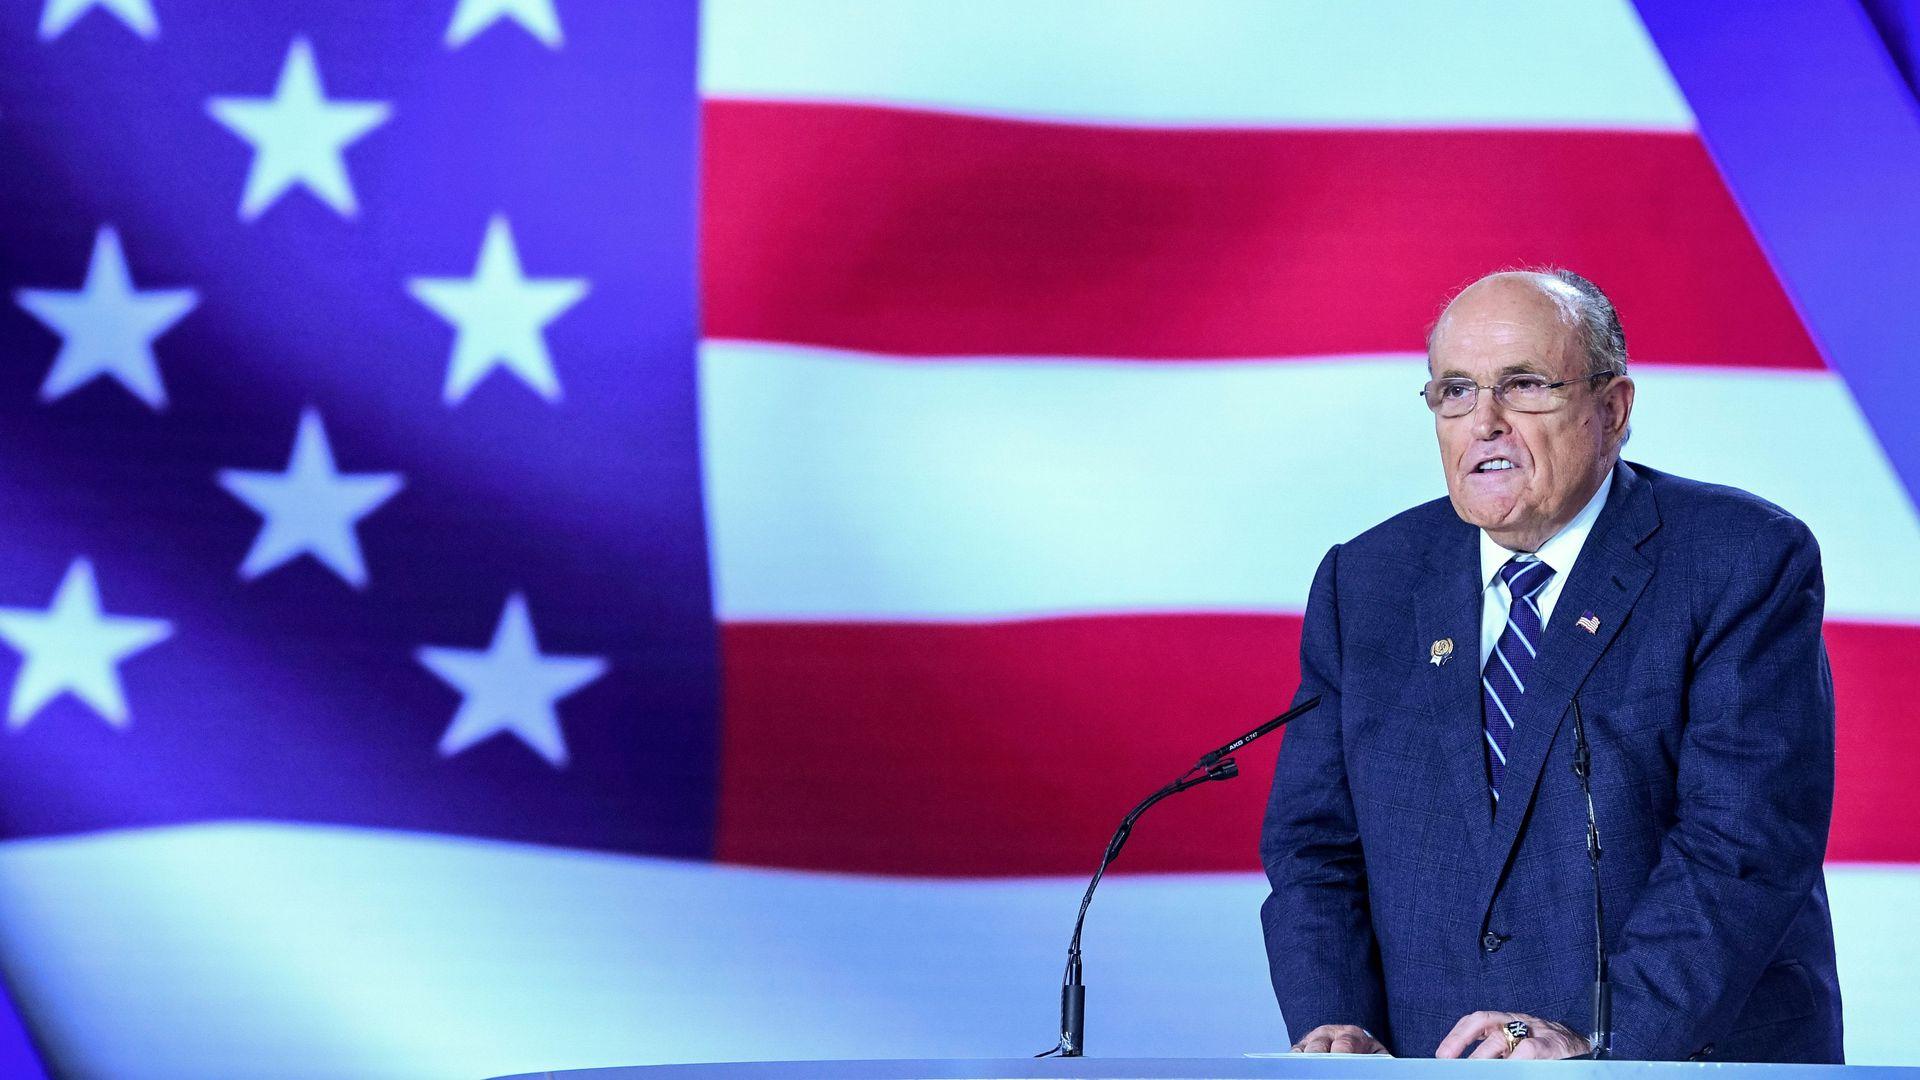 Rudy Giuliani in Albania